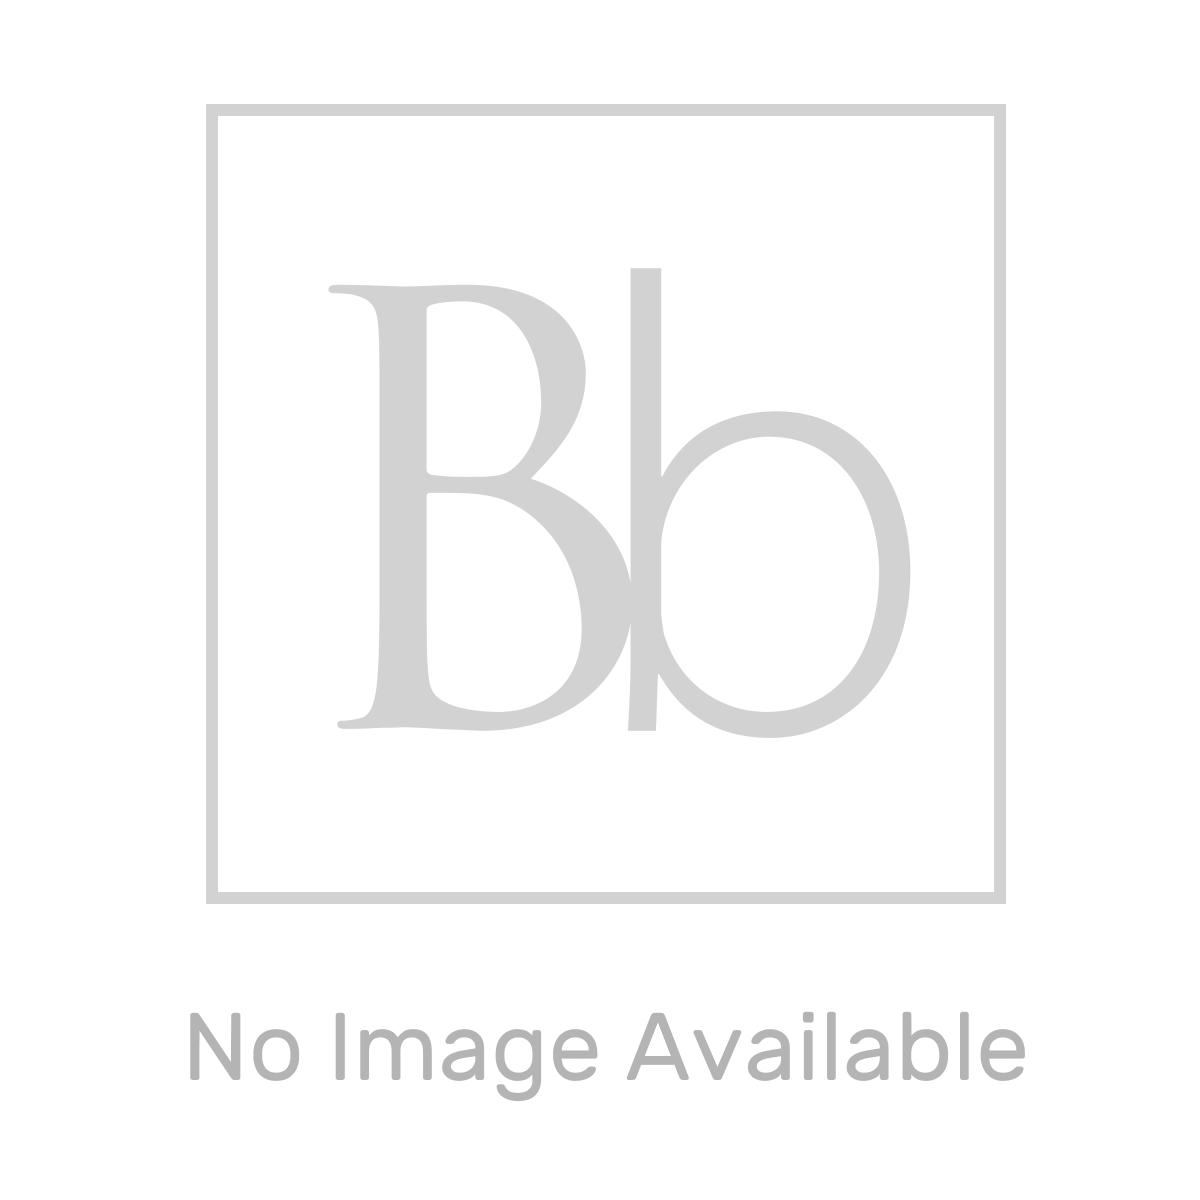 Frontline Slimline Offset Quadrant Shower Tray 1200 x 900mm Left Handed